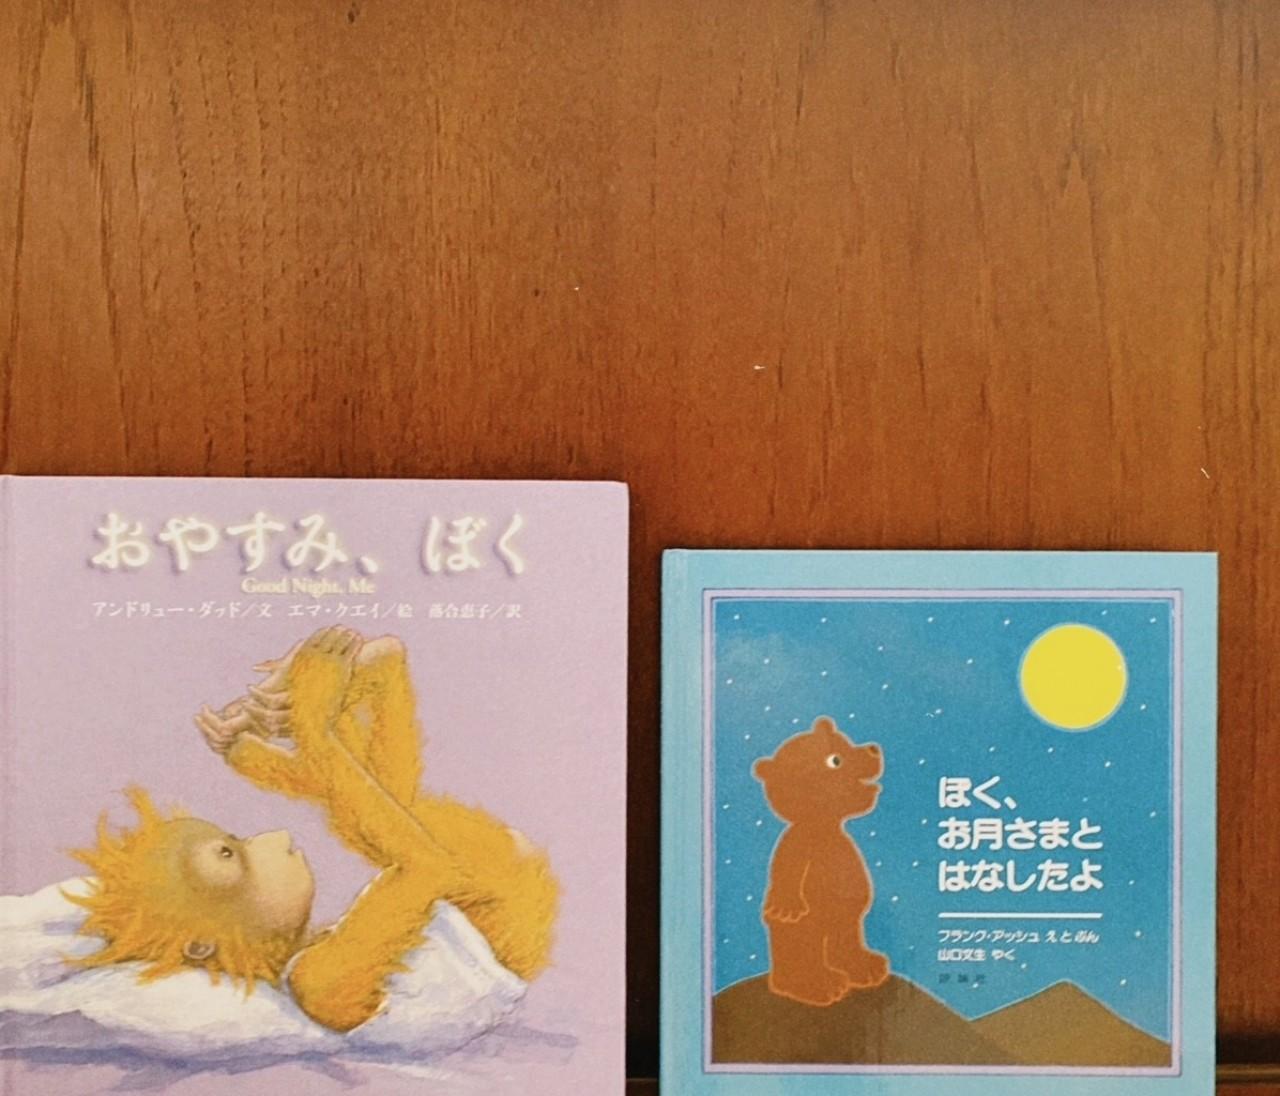 大人だって、大人だから、心に響く。夏の夜に読みたい絵本の話。【エディターズピック vol.106】